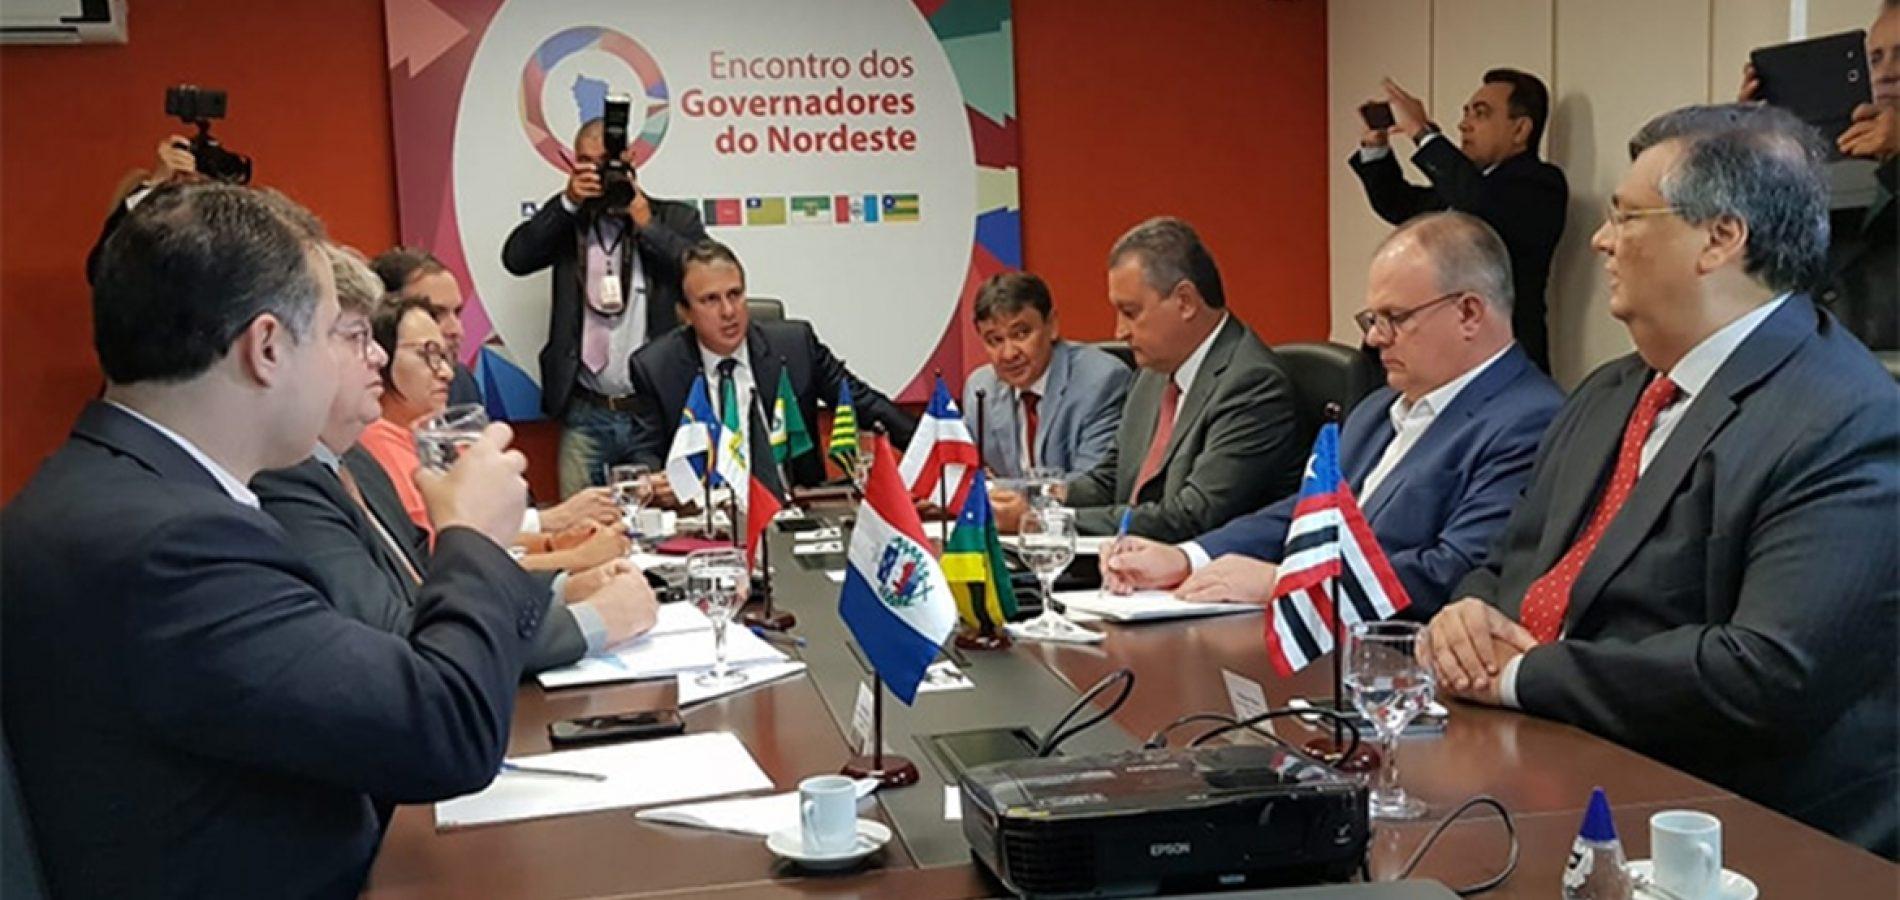 Governadores do Nordeste definem prioridades que vão ao Congresso